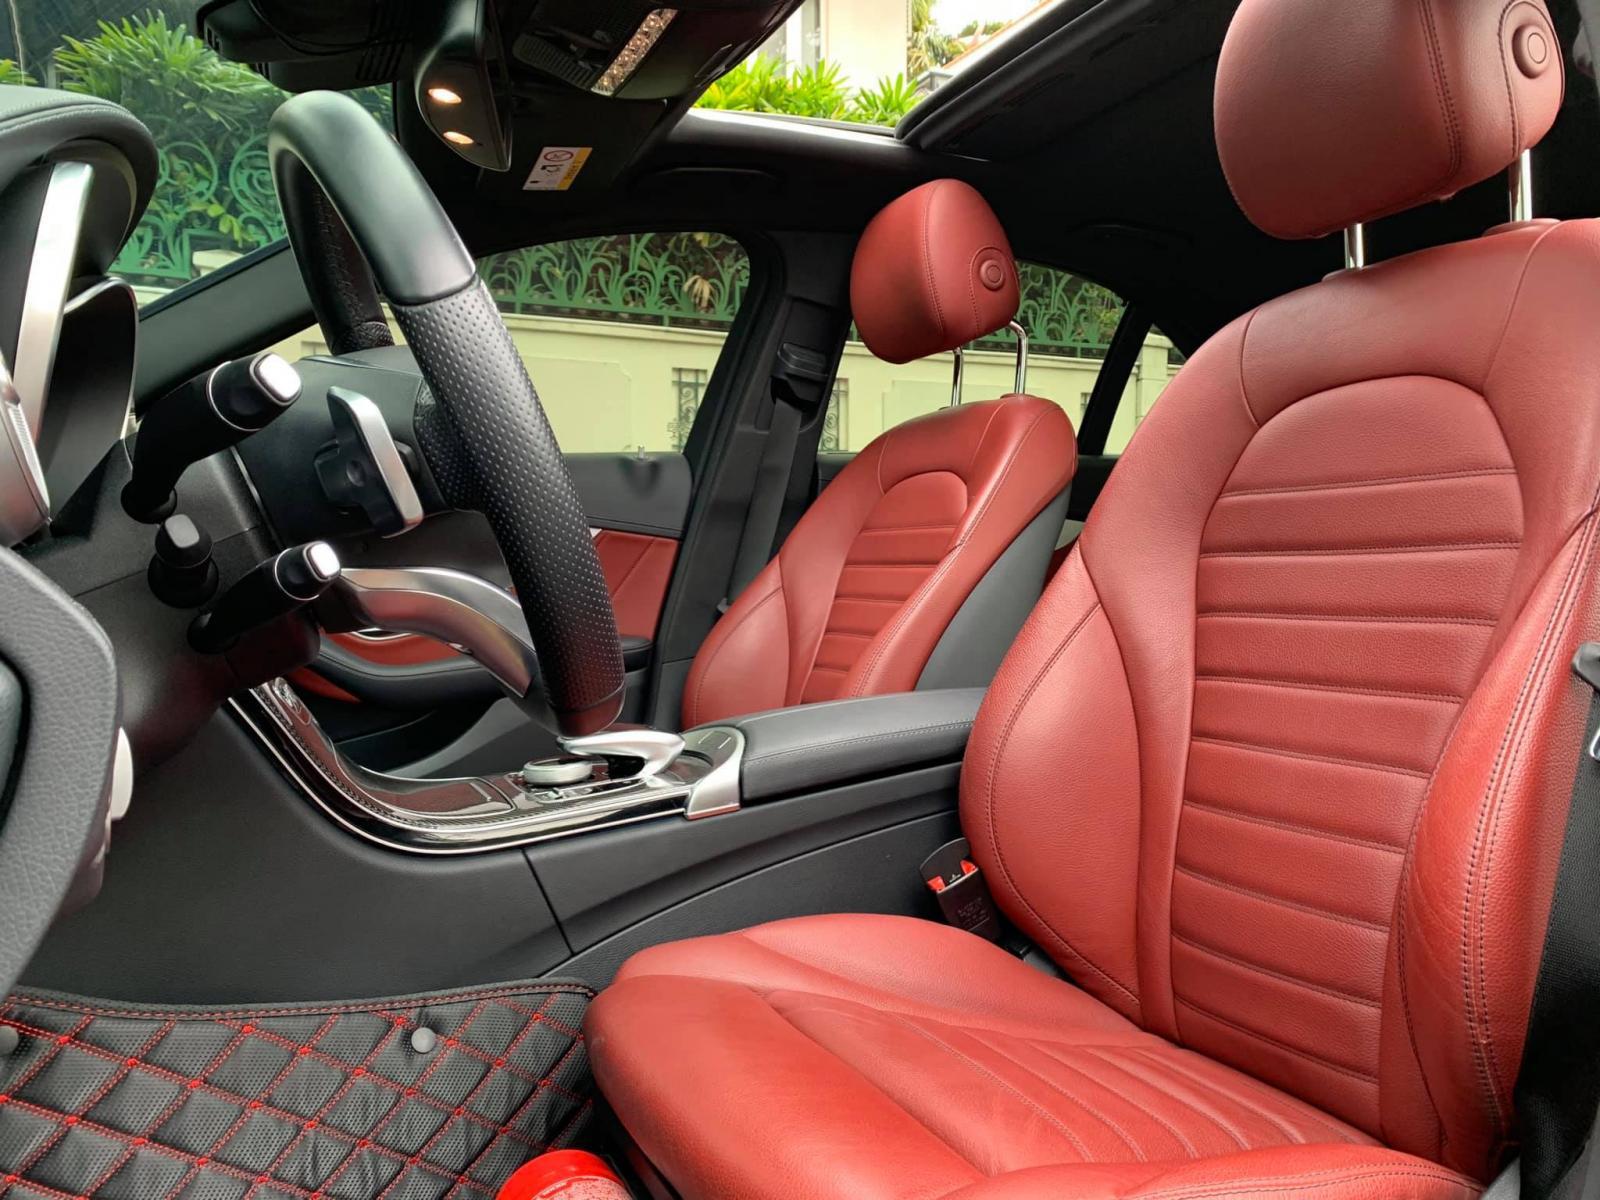 Cần bán lại xe Mercedes AMG năm 2018, màu đen